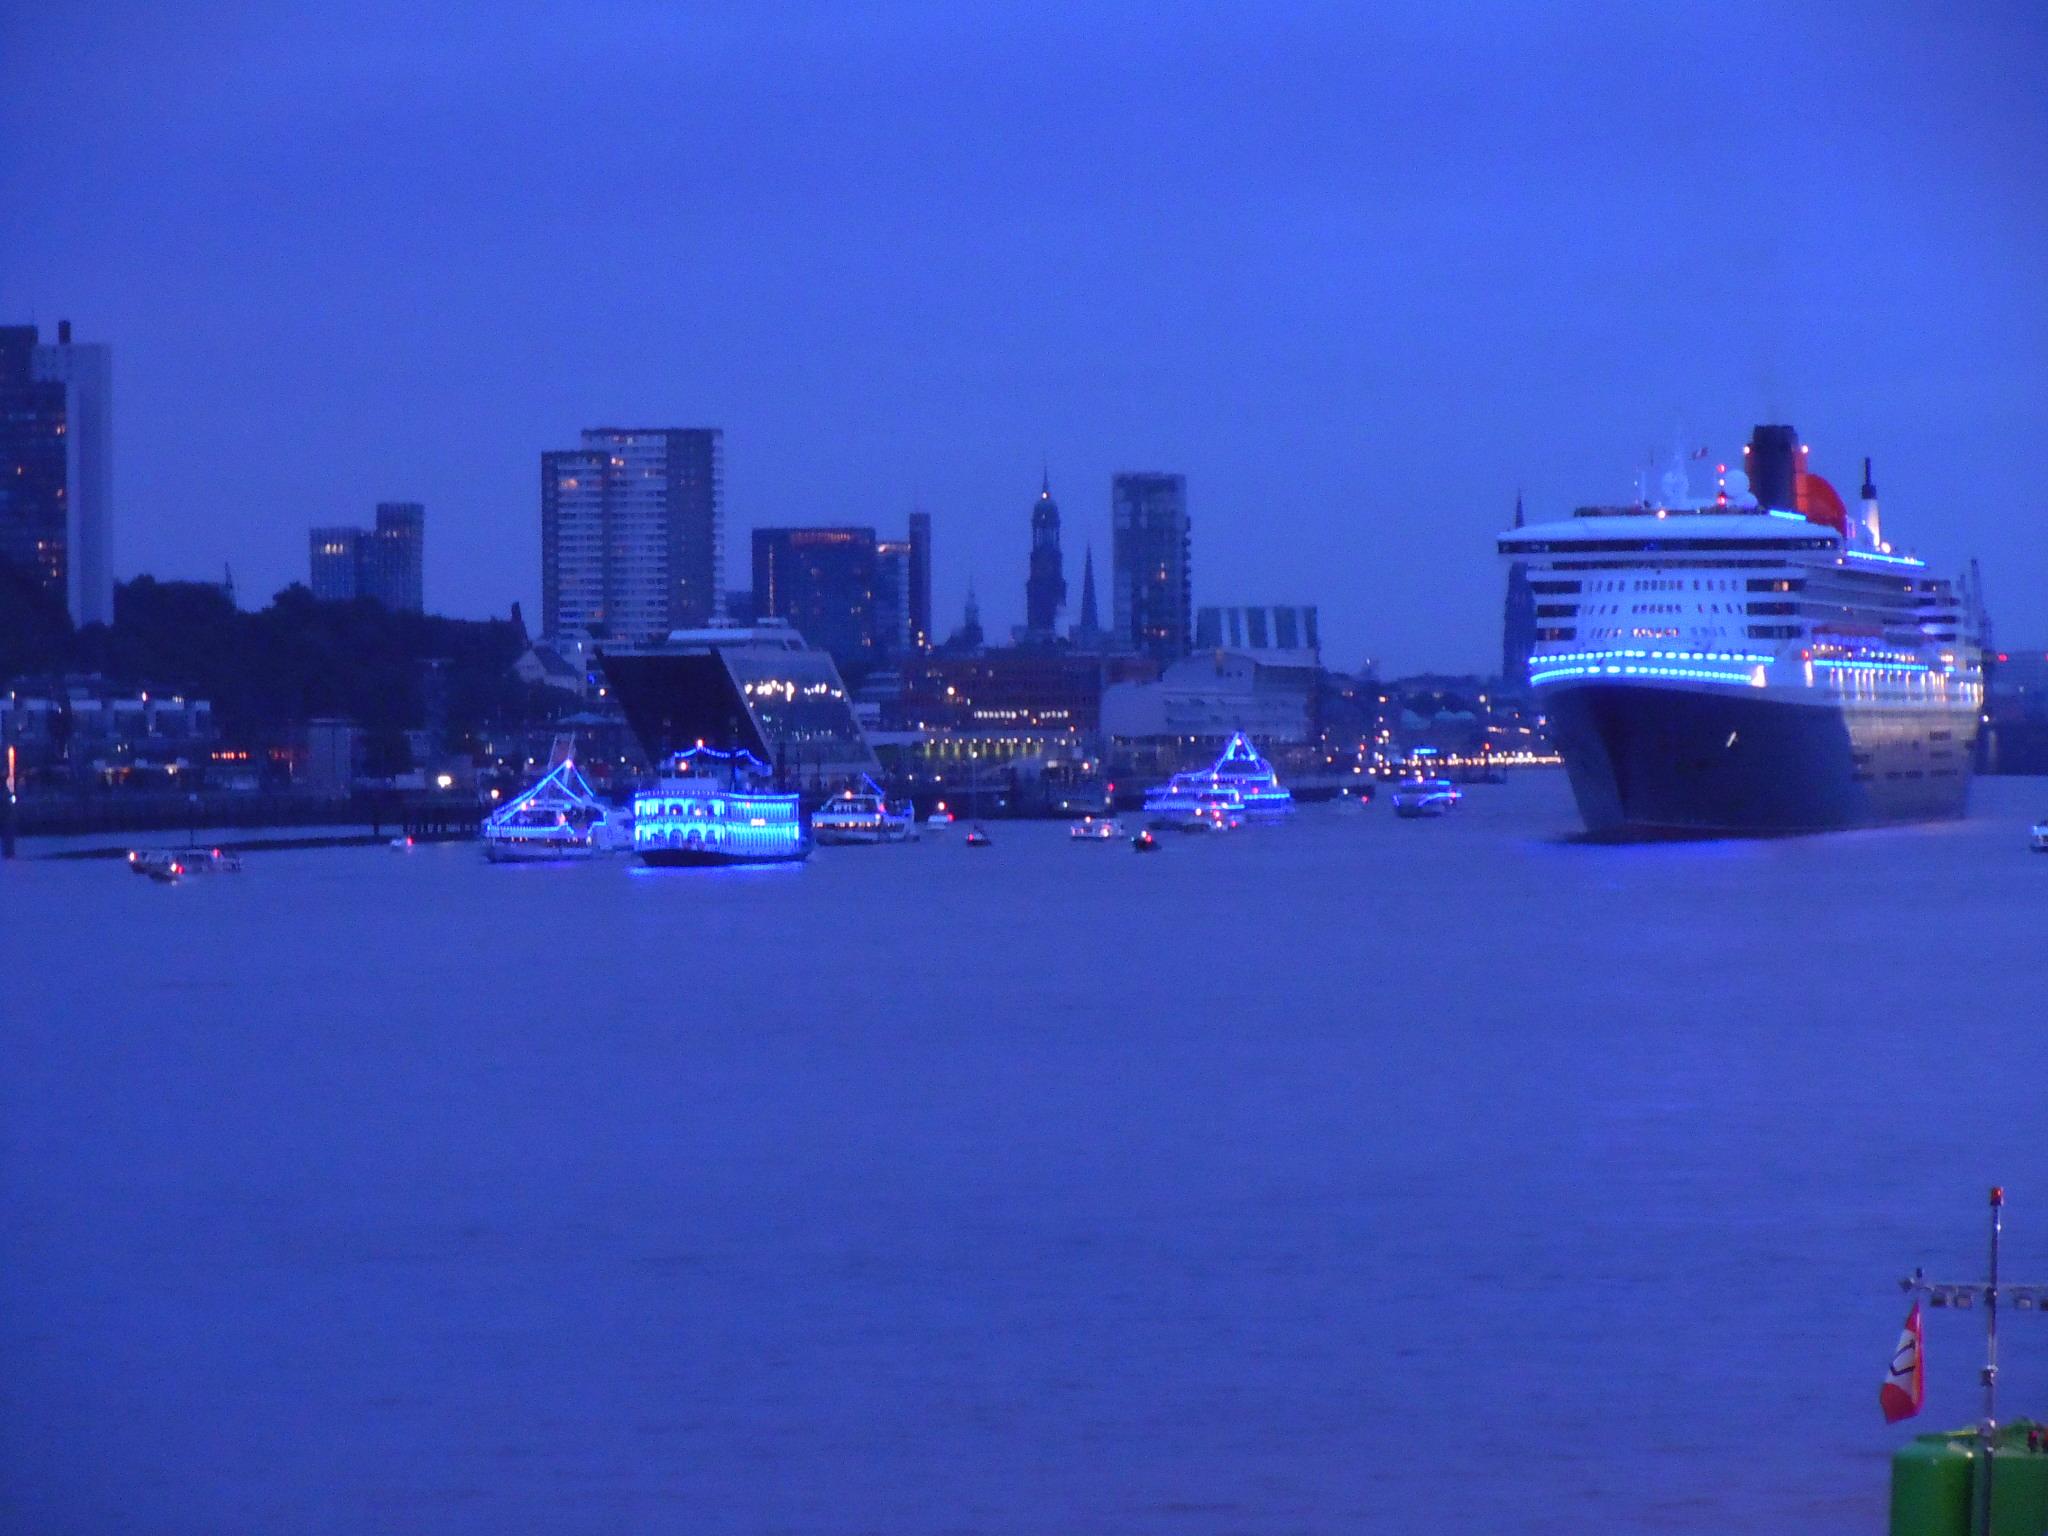 Abfahrt der Queen Mary 2